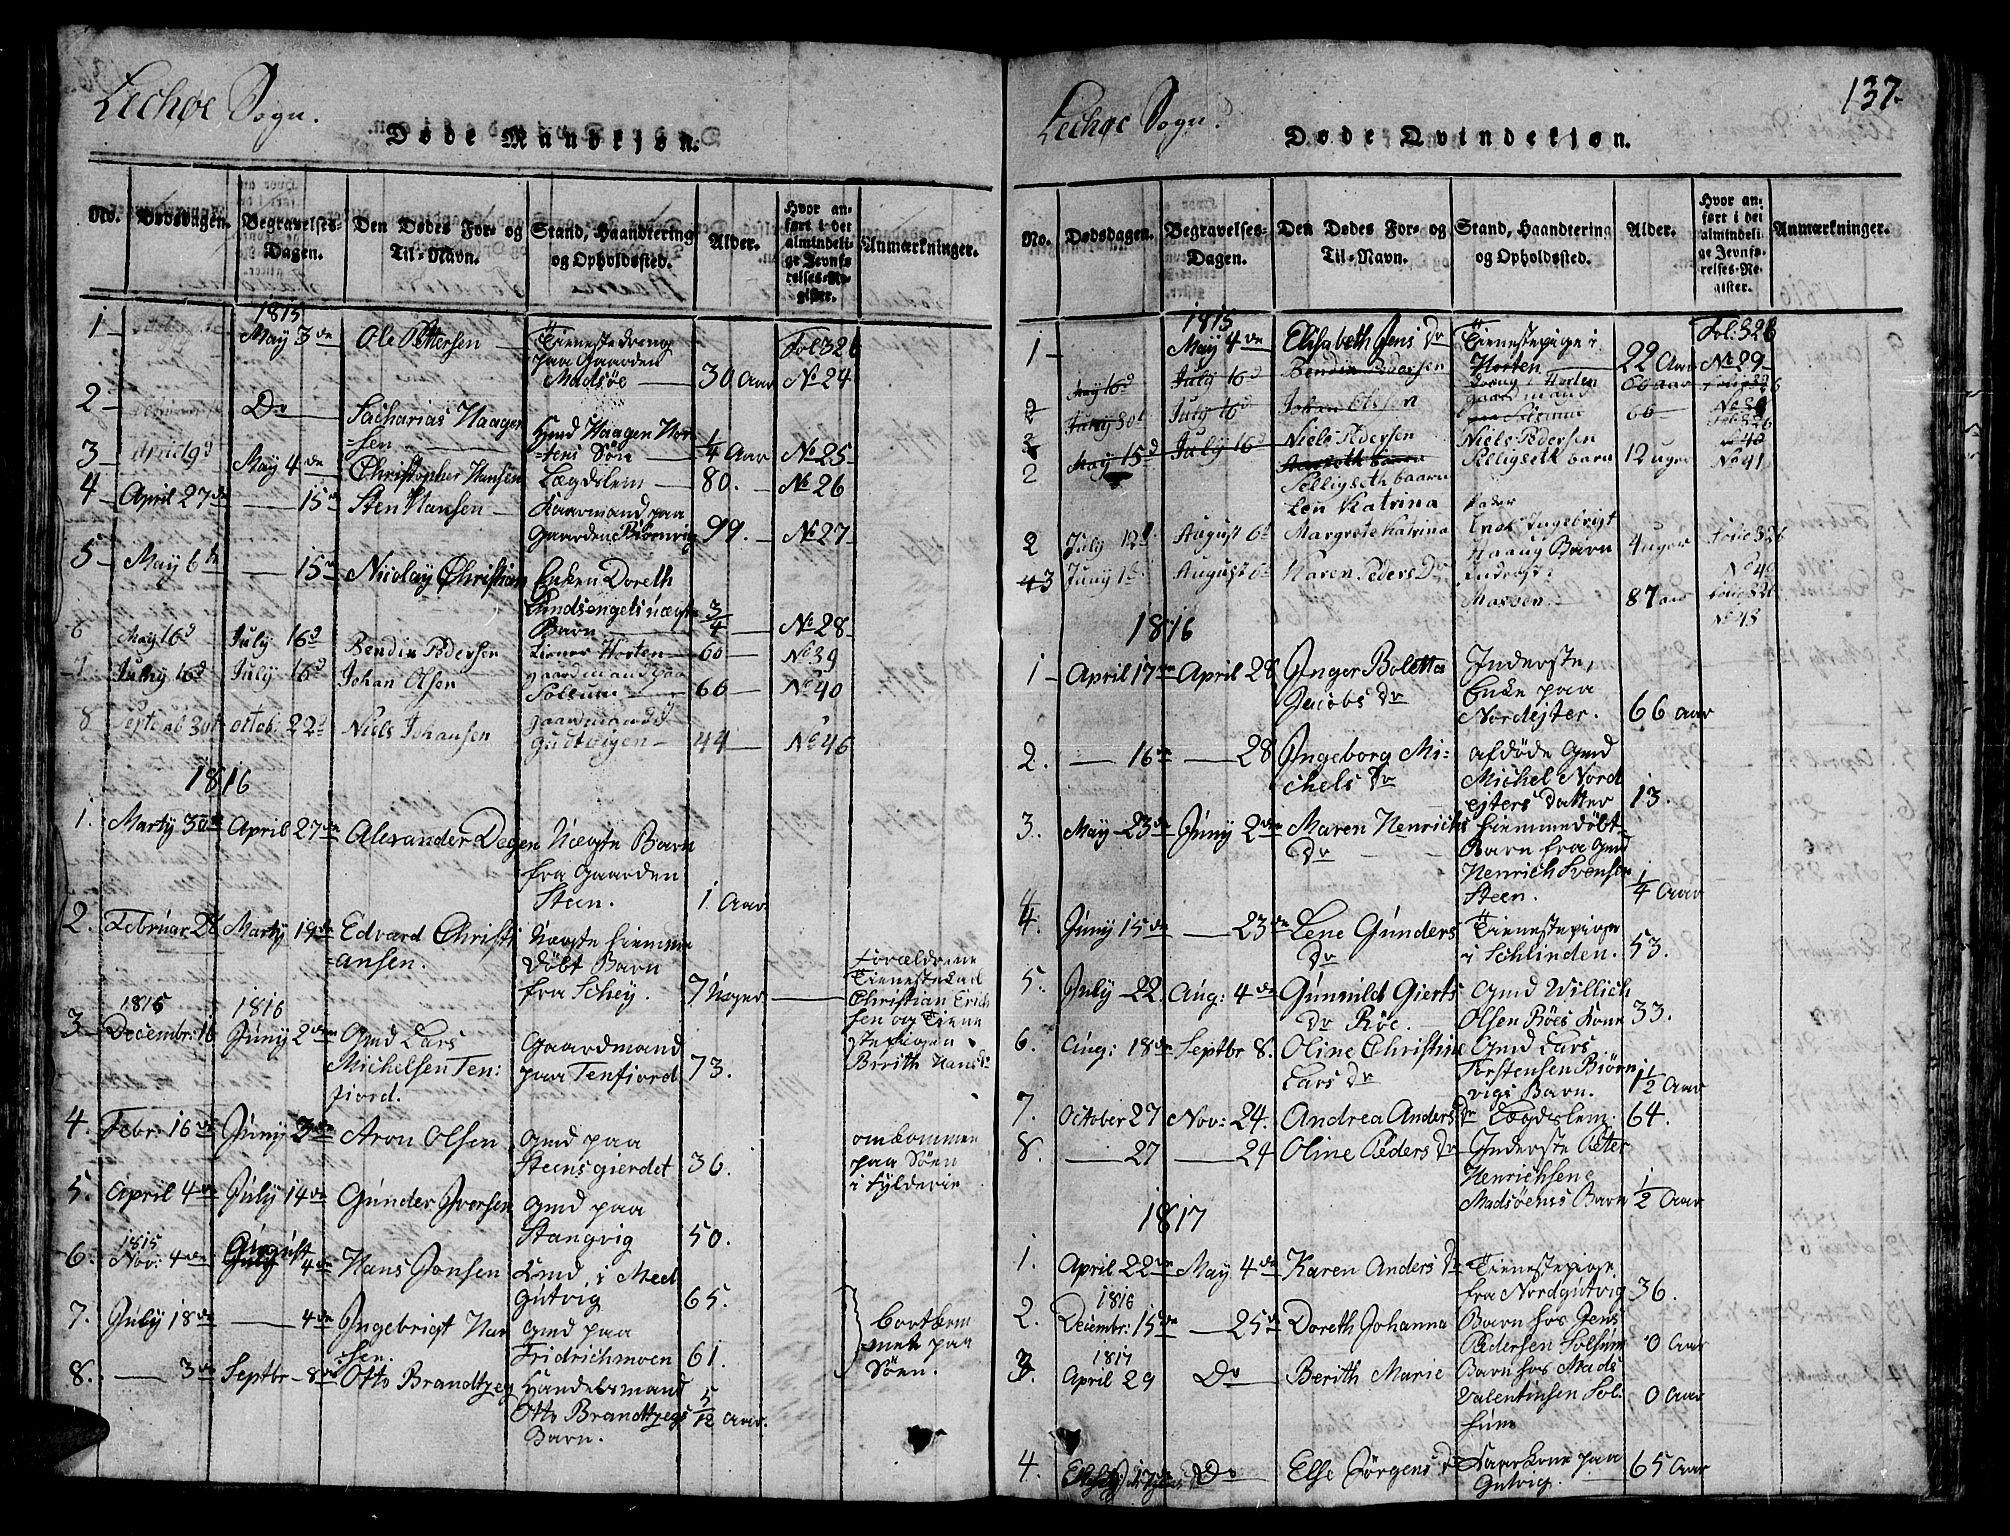 SAT, Ministerialprotokoller, klokkerbøker og fødselsregistre - Nord-Trøndelag, 780/L0648: Klokkerbok nr. 780C01 /2, 1815-1875, s. 137